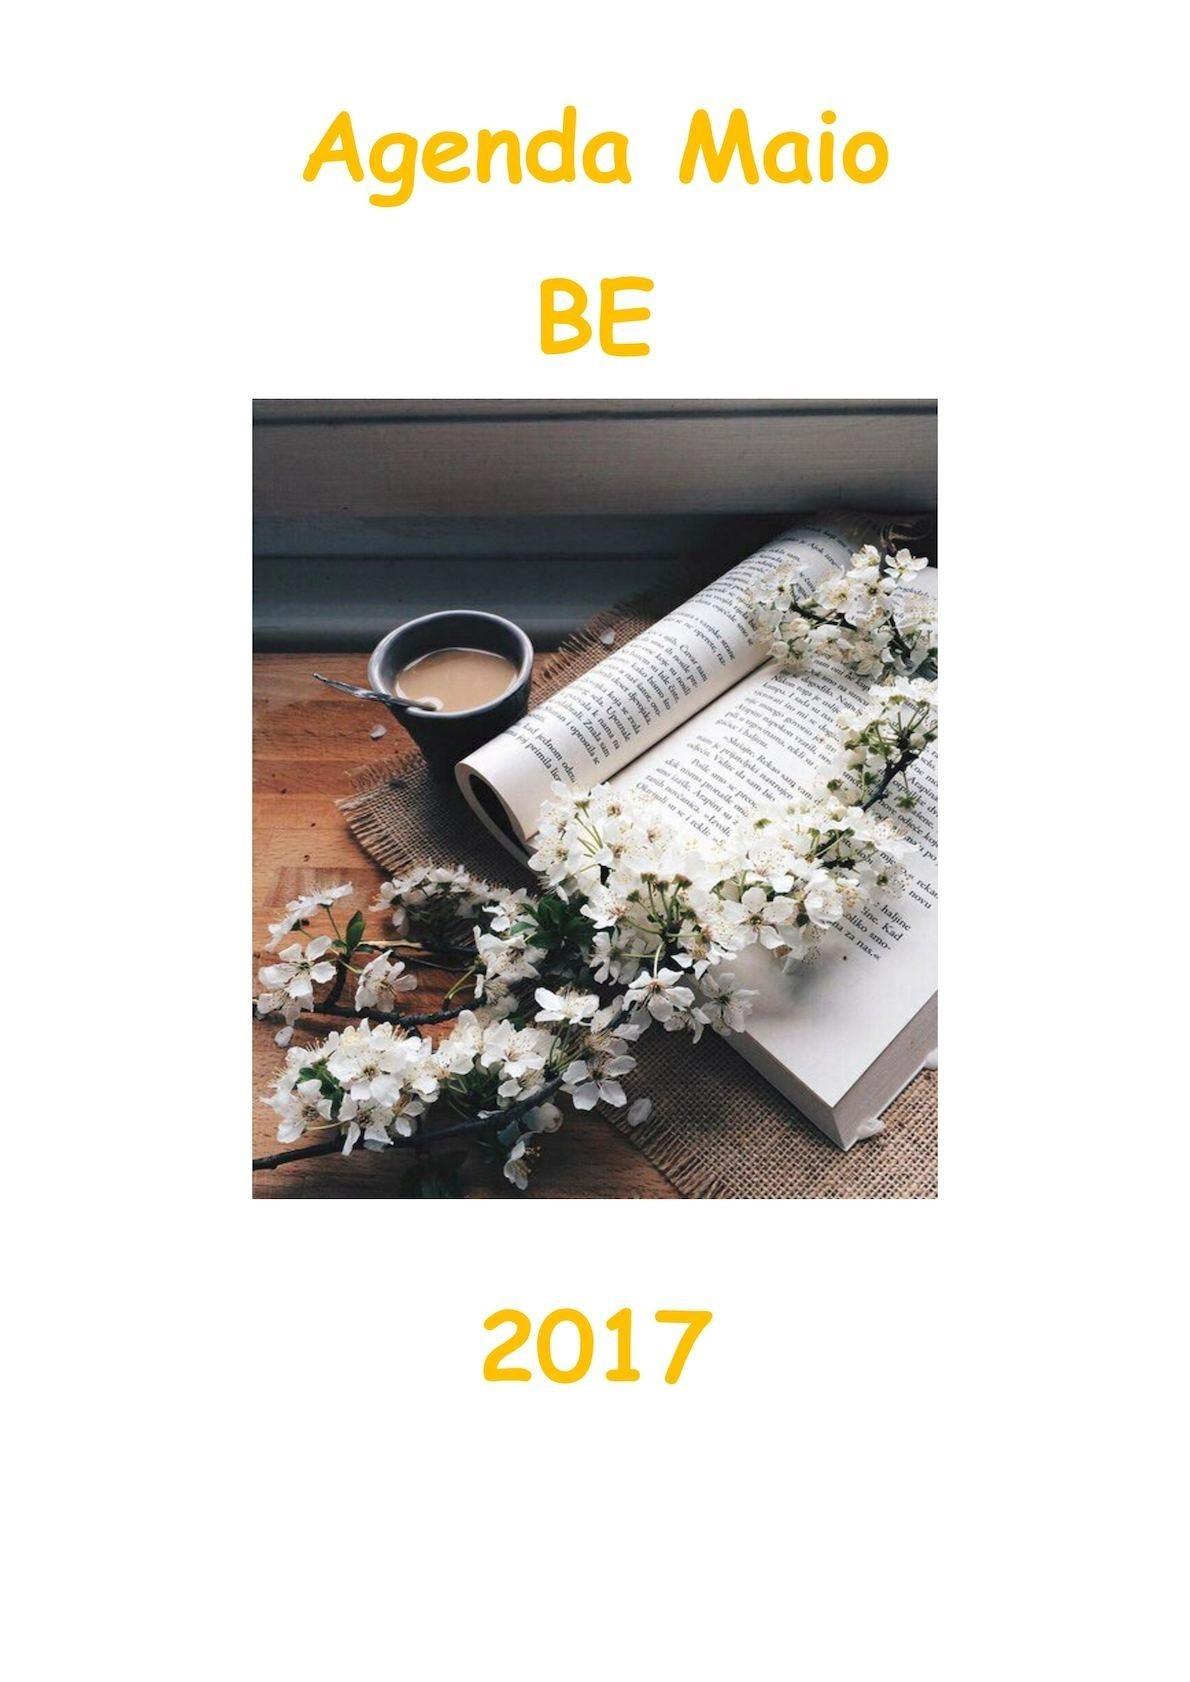 calendario 2019 chile con feriados para imprimir excel recientes informacion calendario 2019 datas emorativas of calendario 2019 chile con feriados para imprimir excel